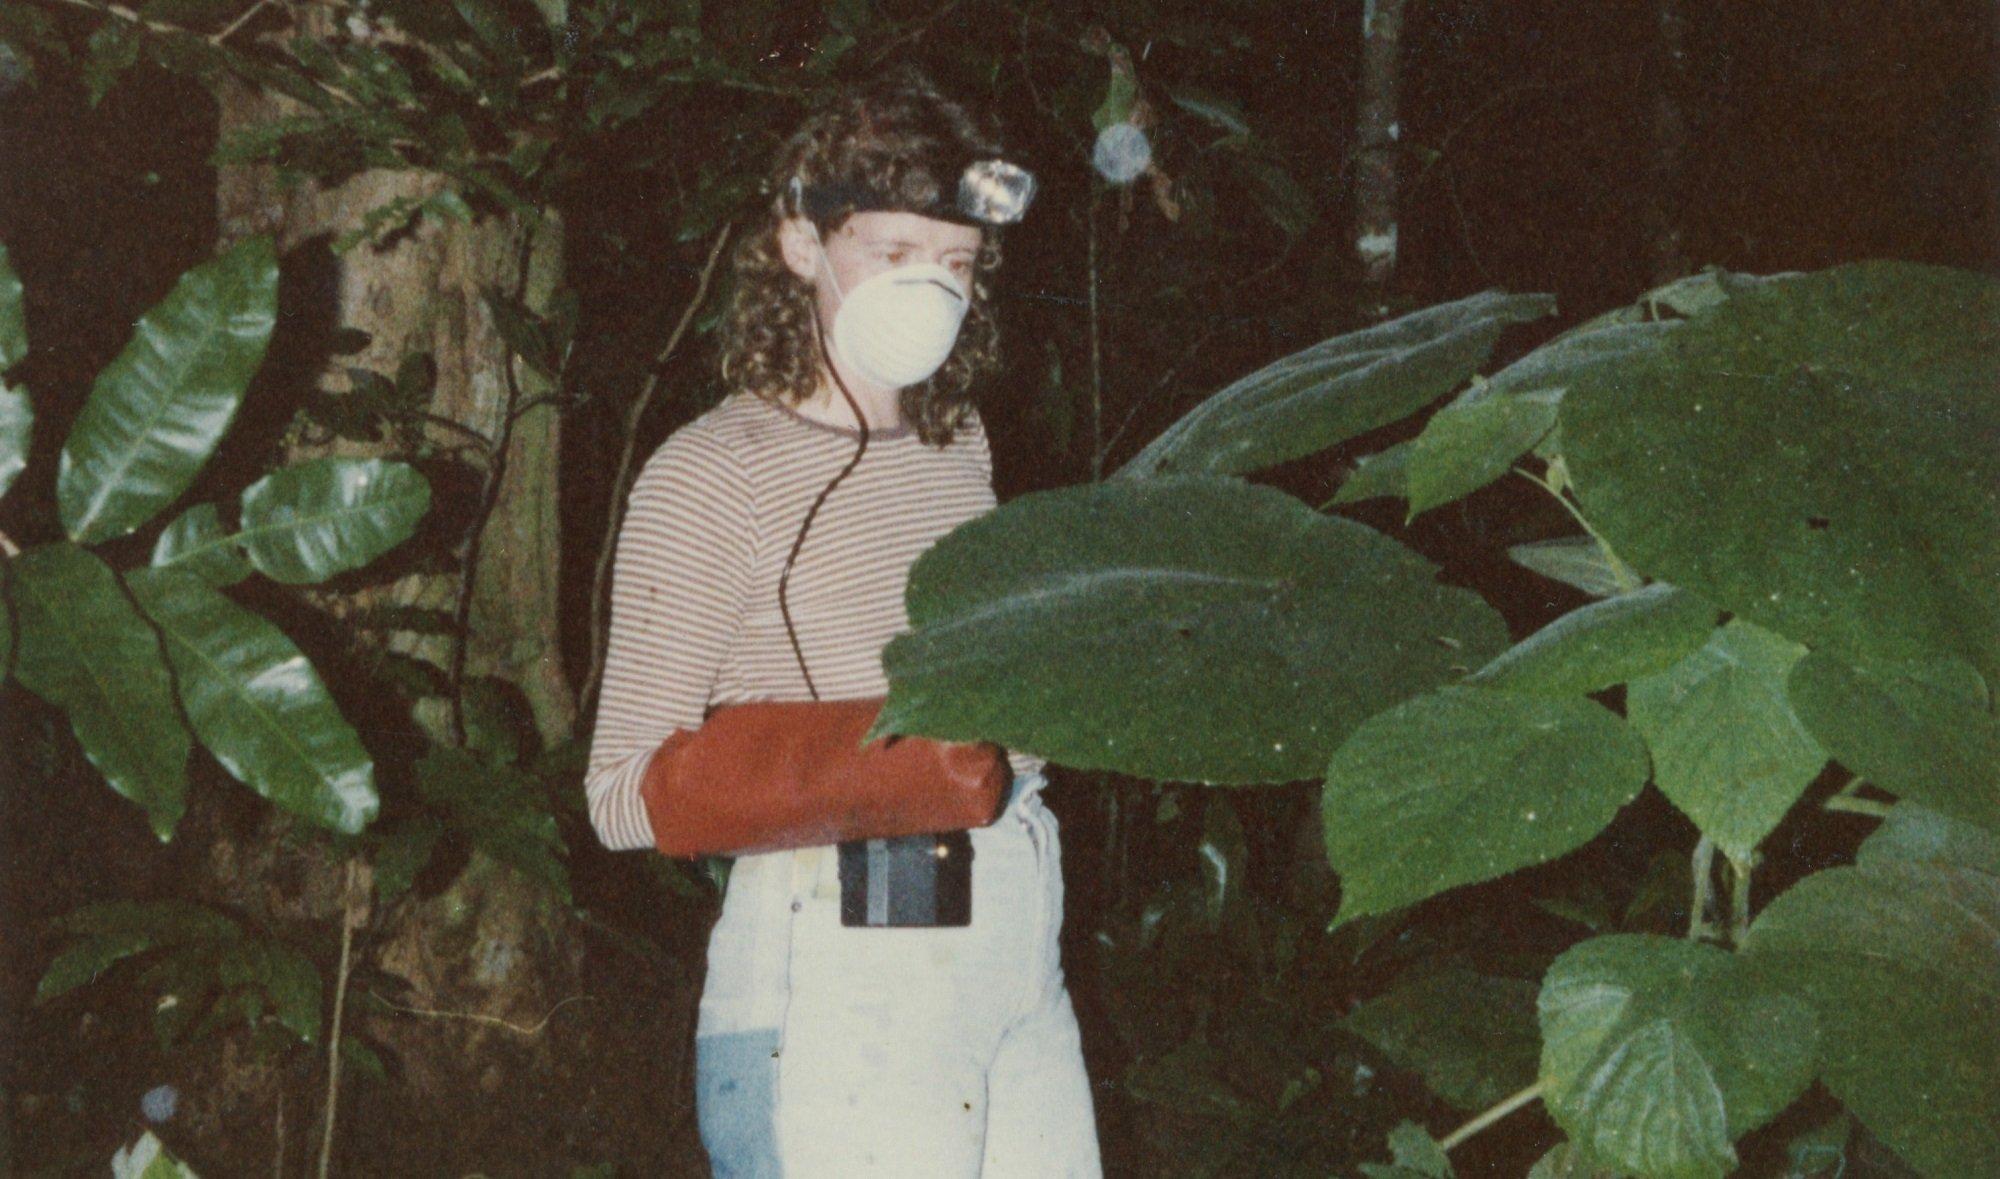 гимпи-гимпи самое жгучее растение в мире отвратительные мужики disgusting men